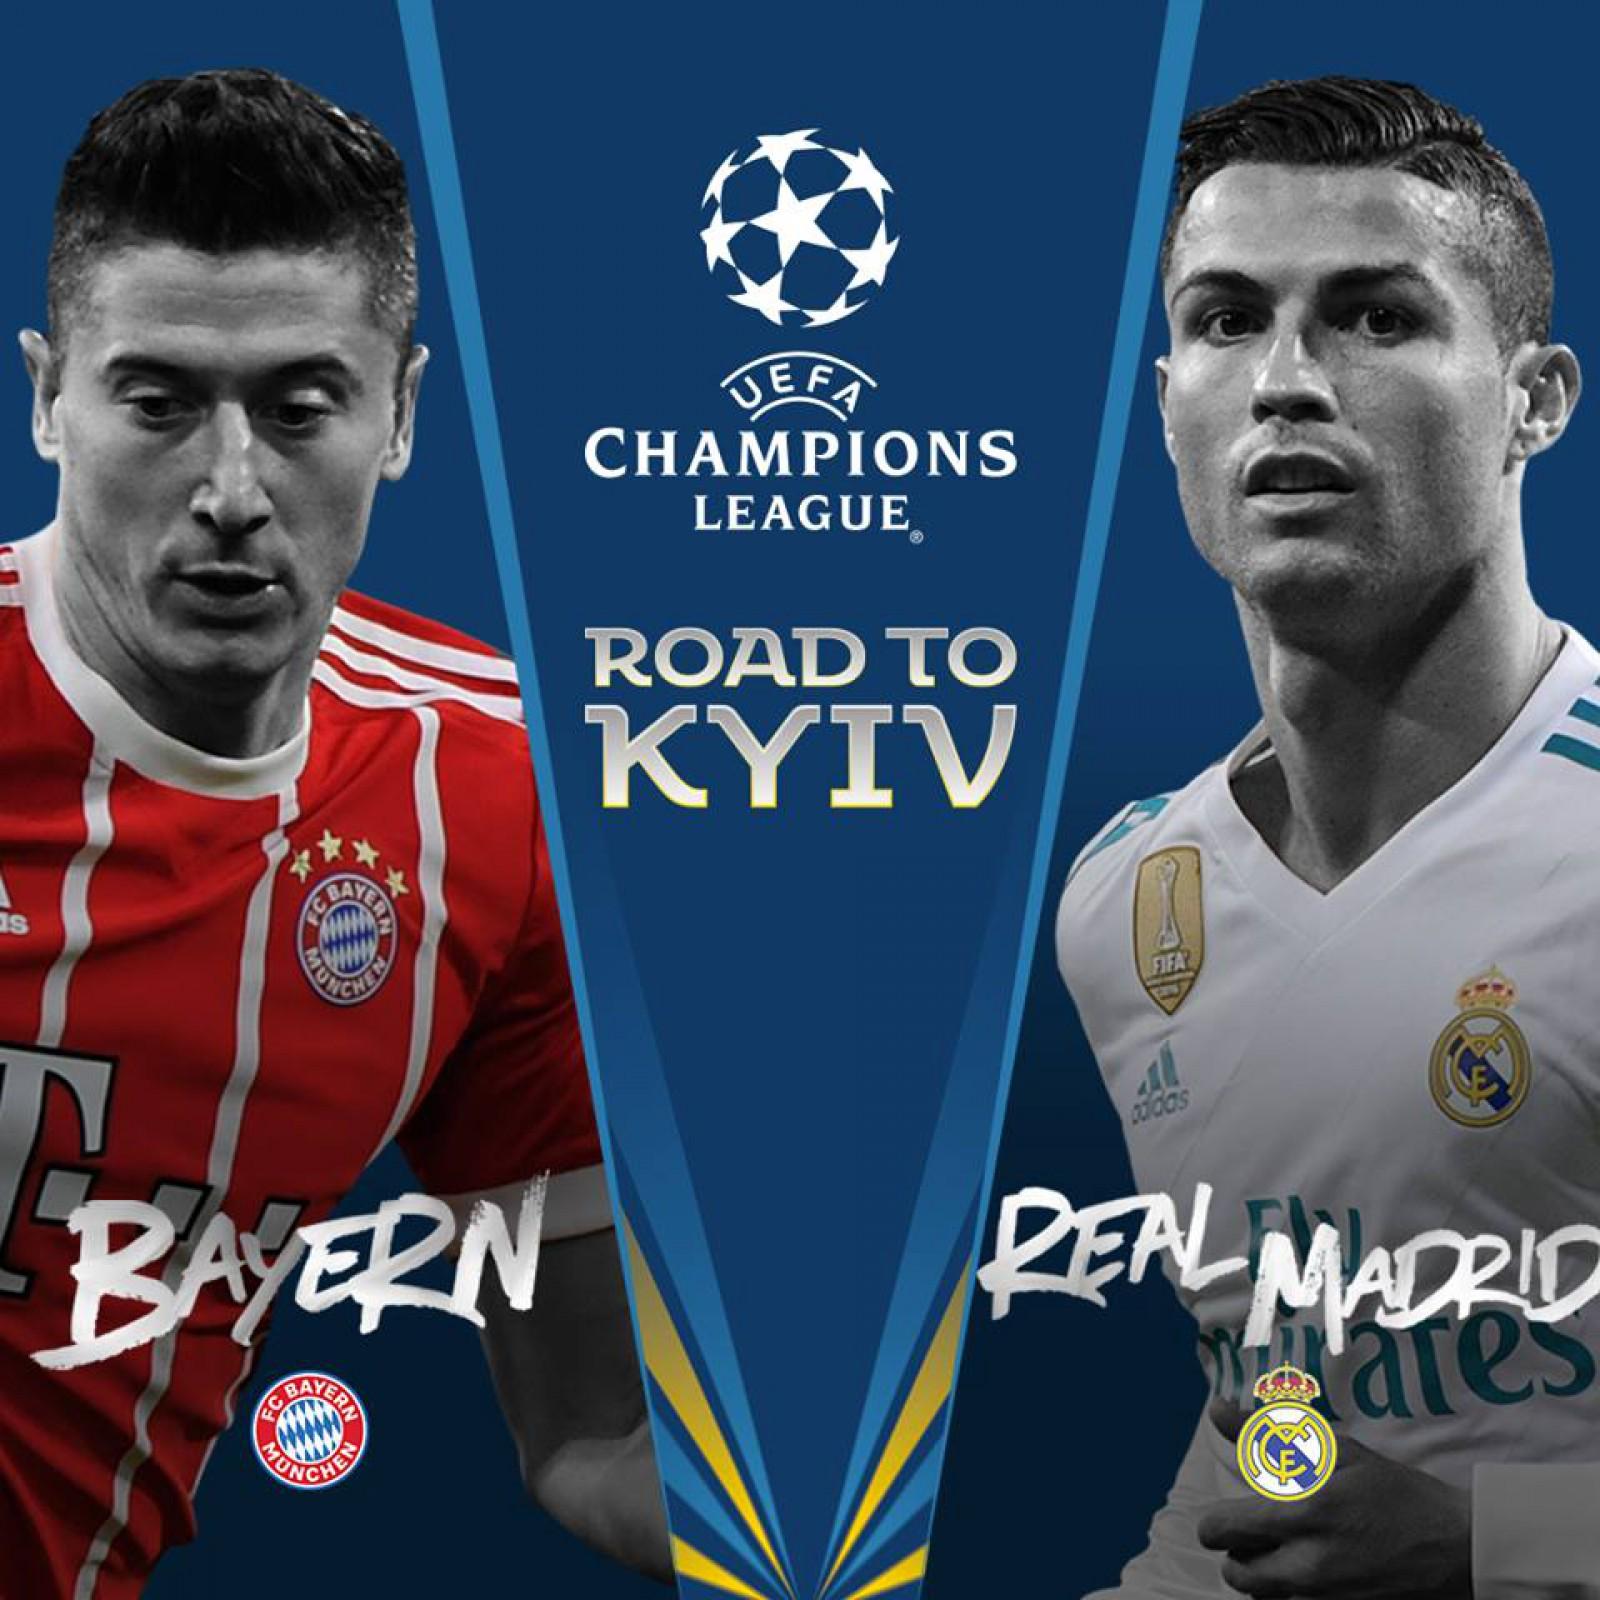 Bayern Munchen va juca cu Real Madrid în semifinalele Ligii Campionilor! Partida tur este programată pentru 24 aprilie